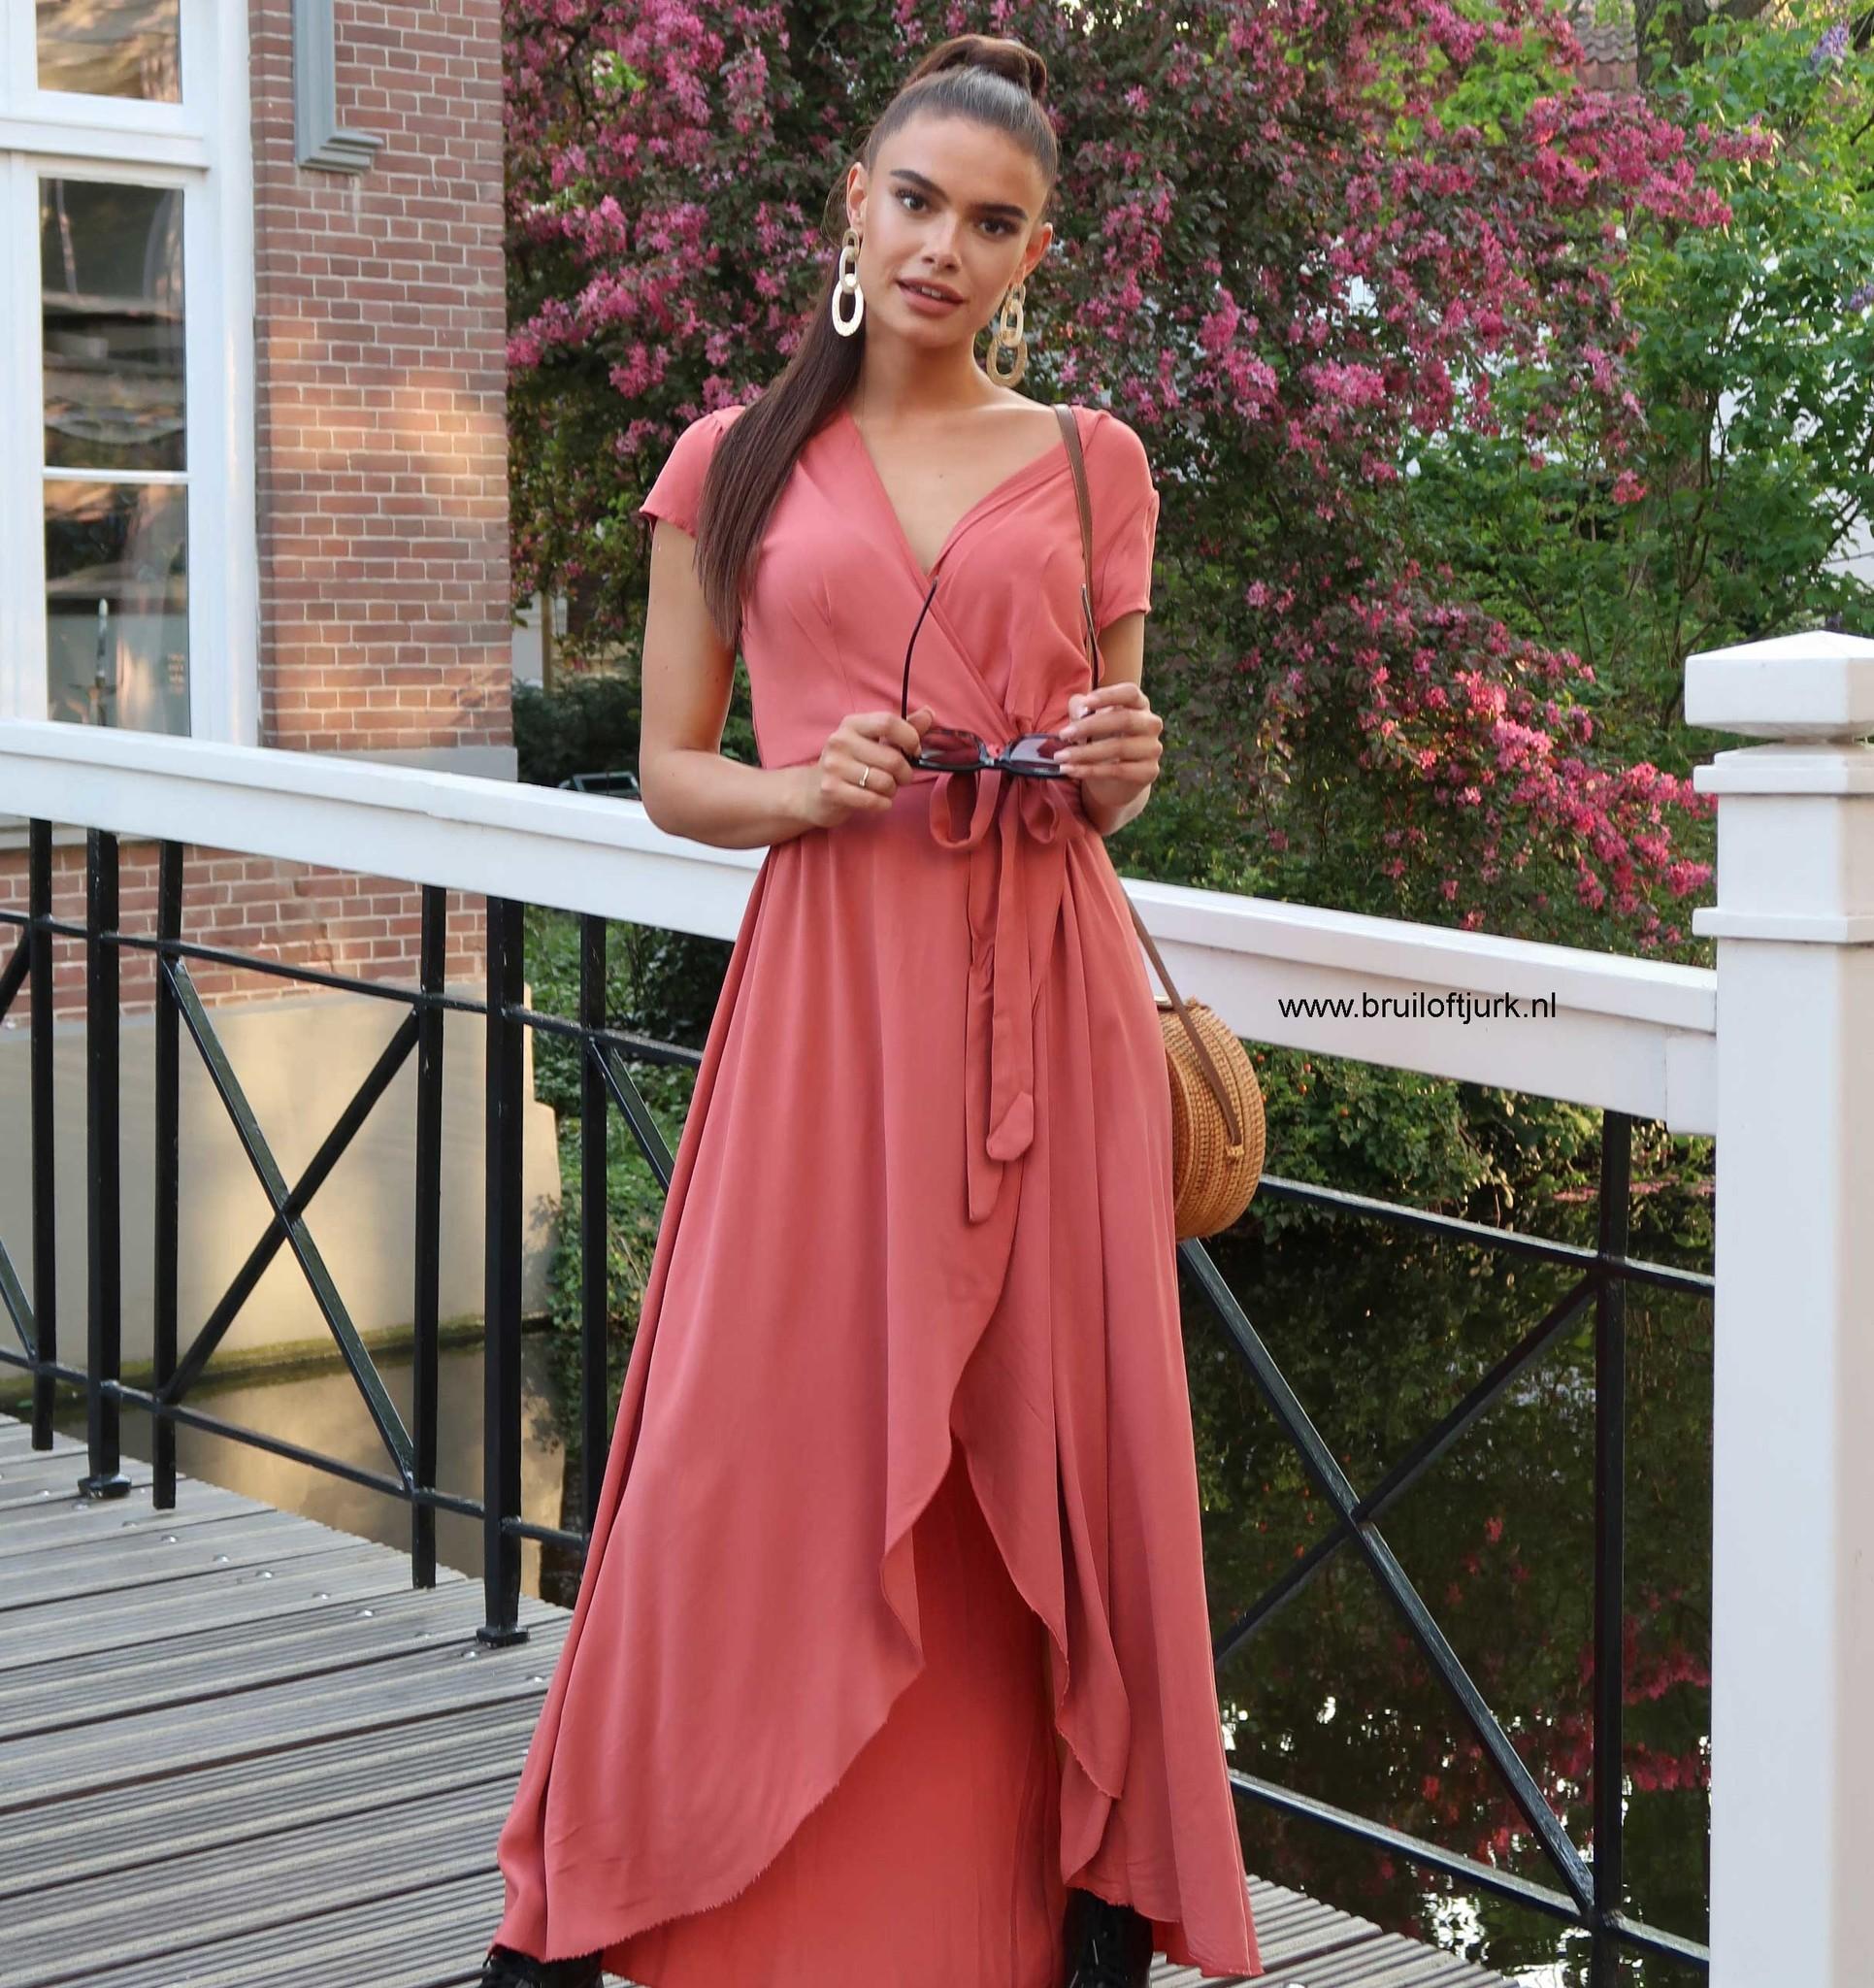 Bruiloft Dresscode - Outfit Bruiloft Gast